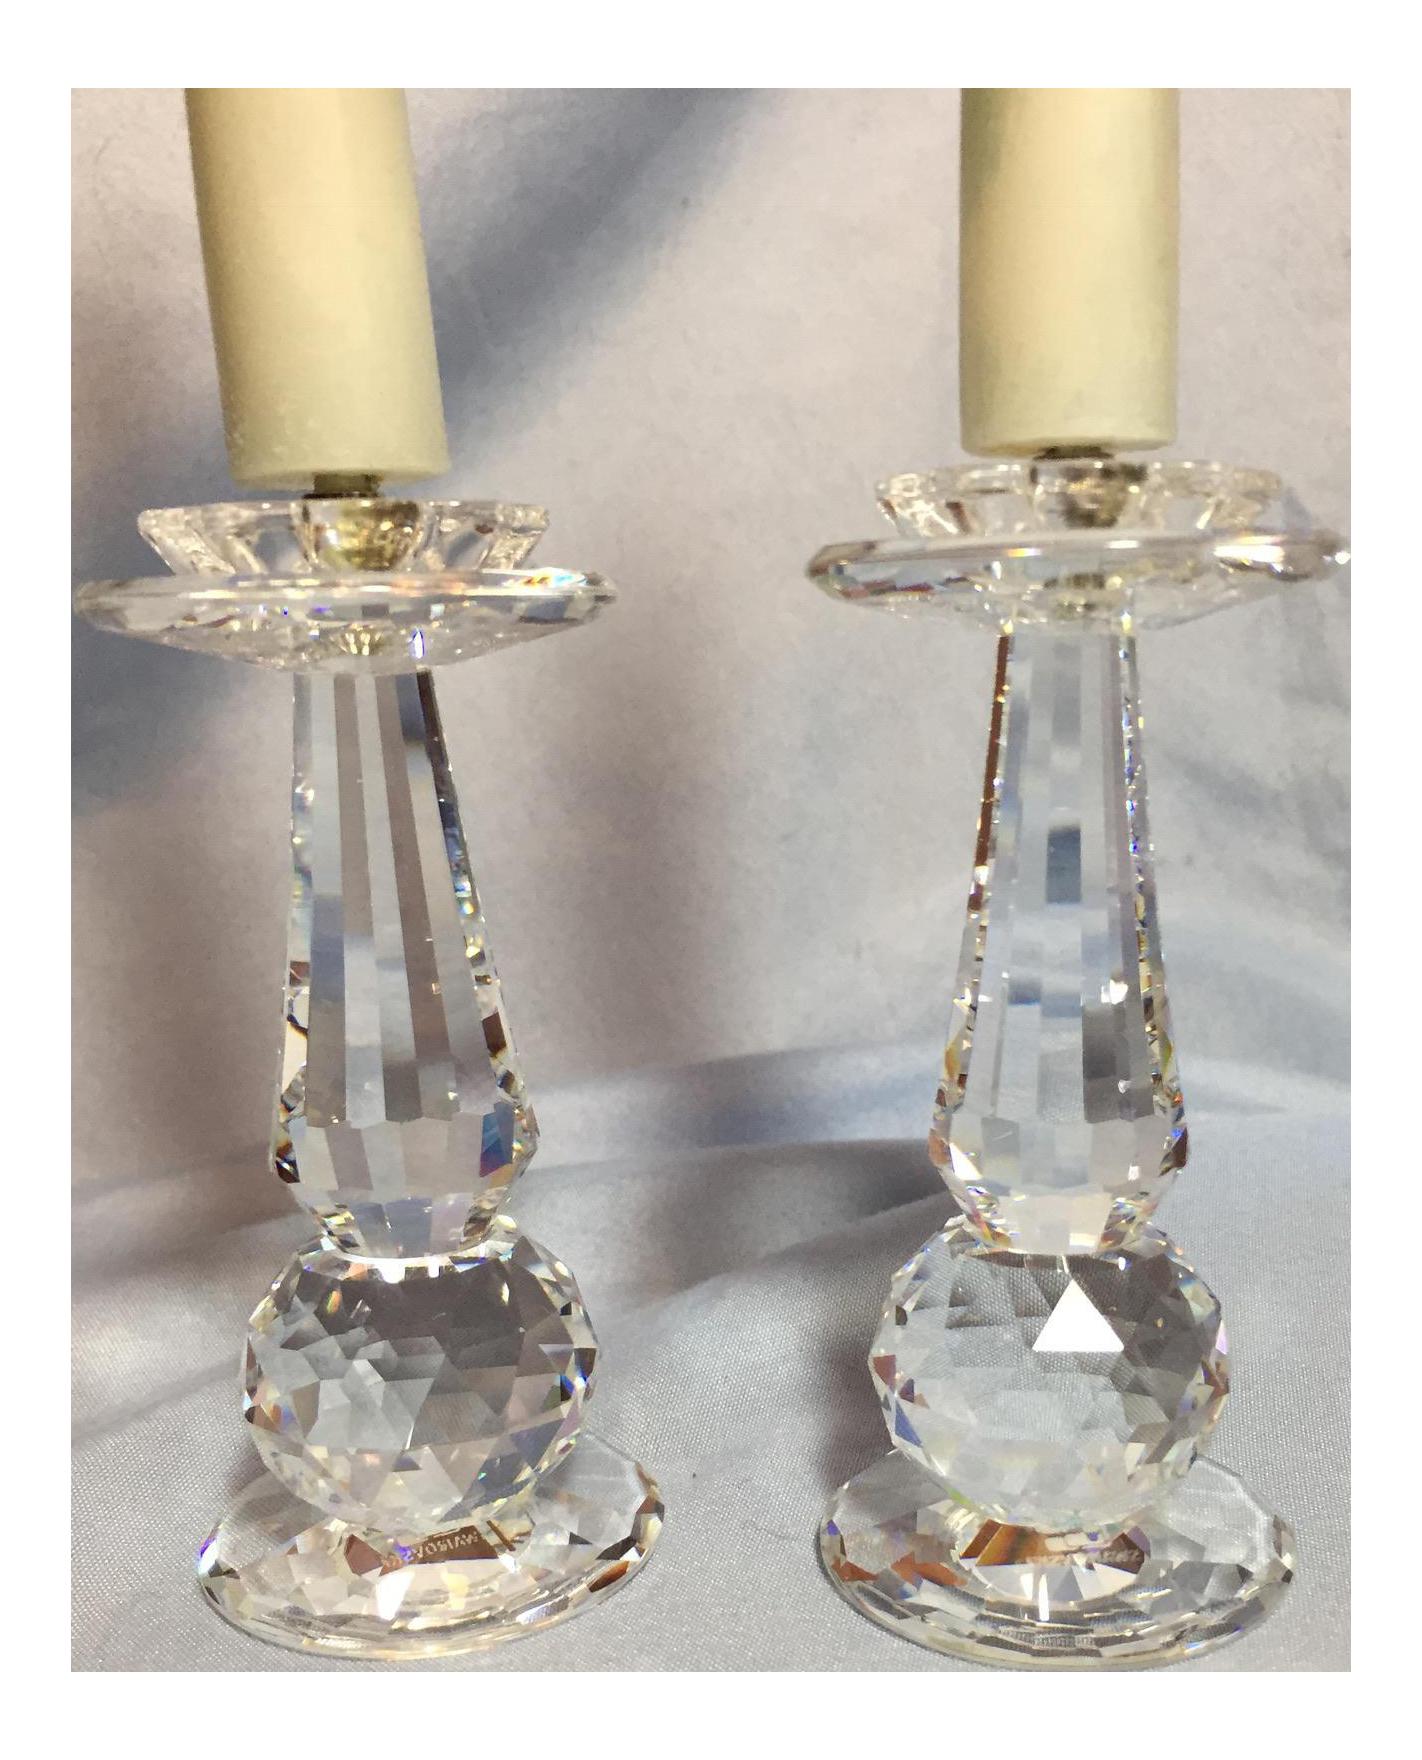 Swarovski Crystal Prism Candle Holders